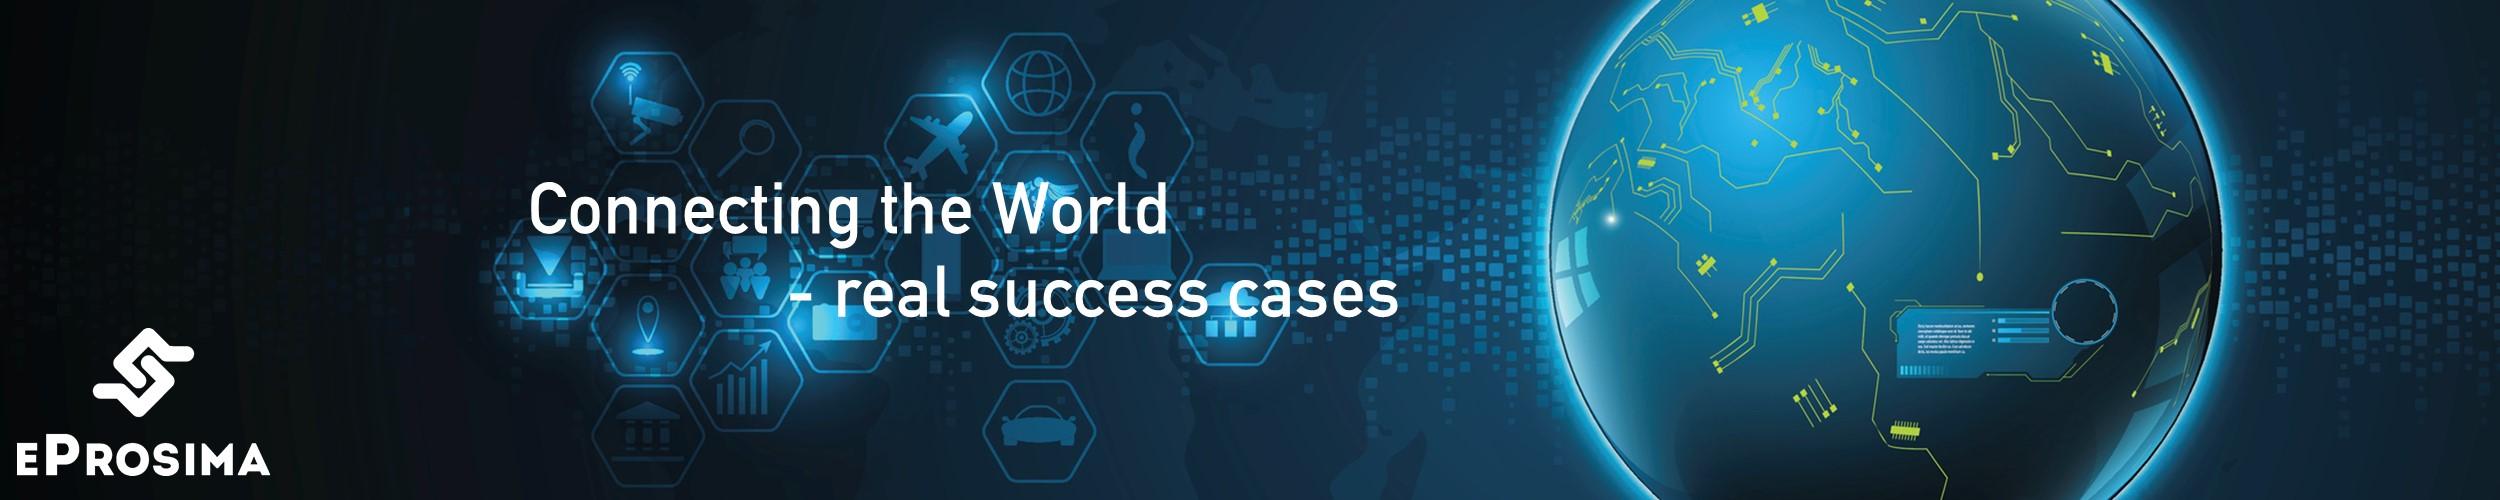 eProsima_Sucess_Cases